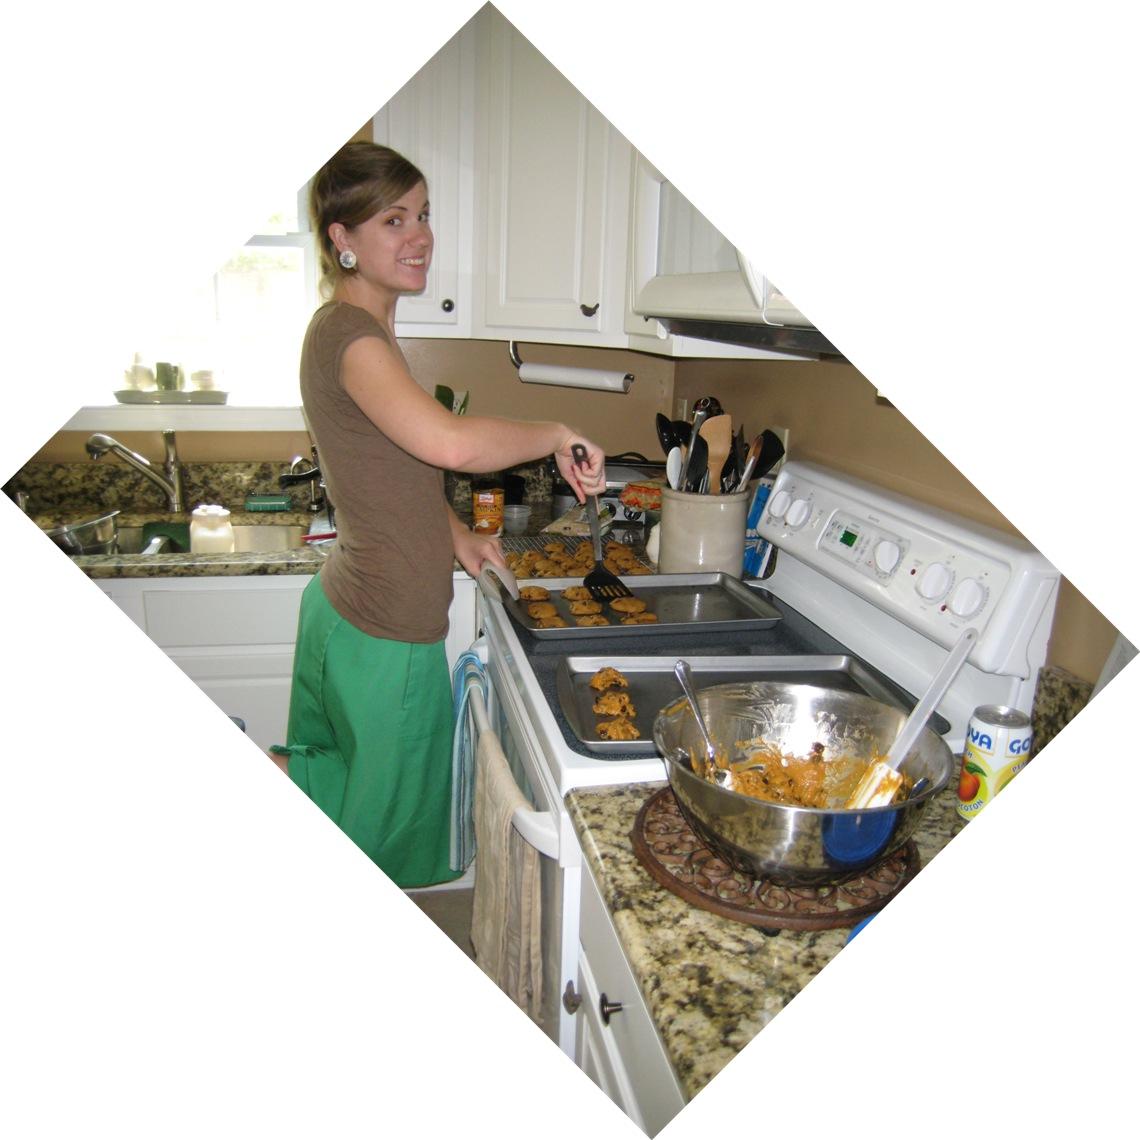 [pumkin_cooking.jpg]